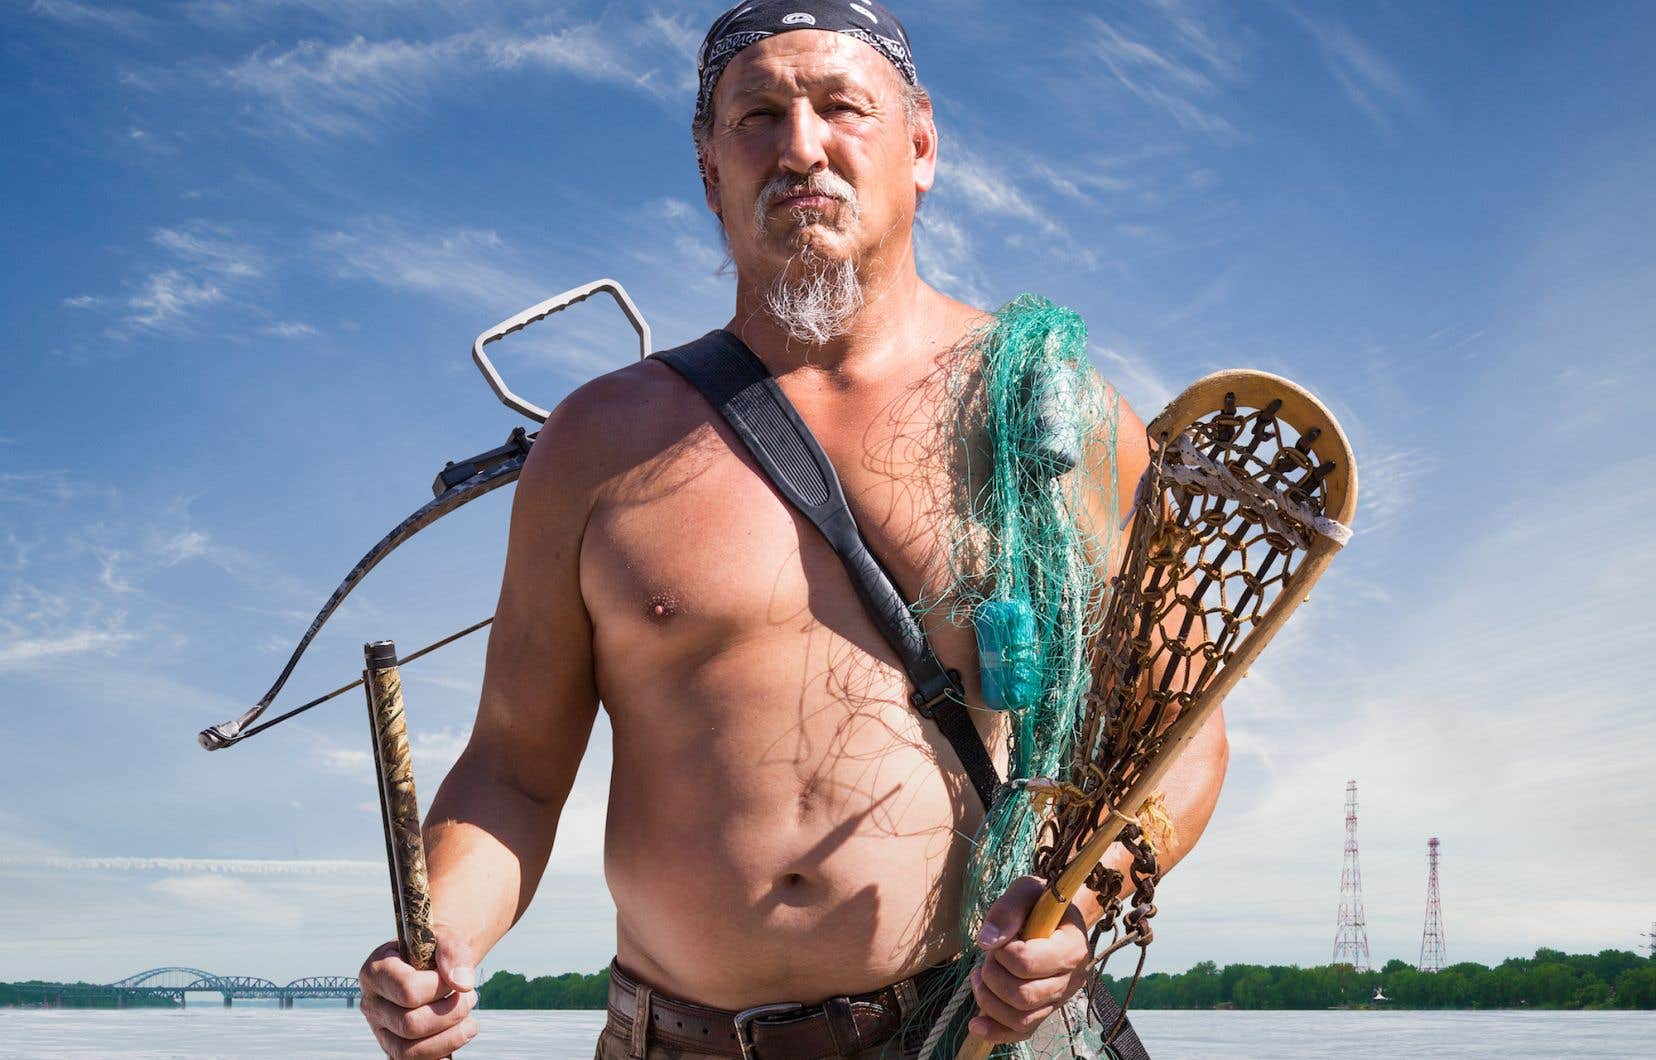 Le «dernier des Mohicans», qui donne son nom au film, c'est Dirt McComber, de son vrai nom Eric McComber, un Mohawk de Kahnawake qui vit toujours de la chasse et de la pêche.